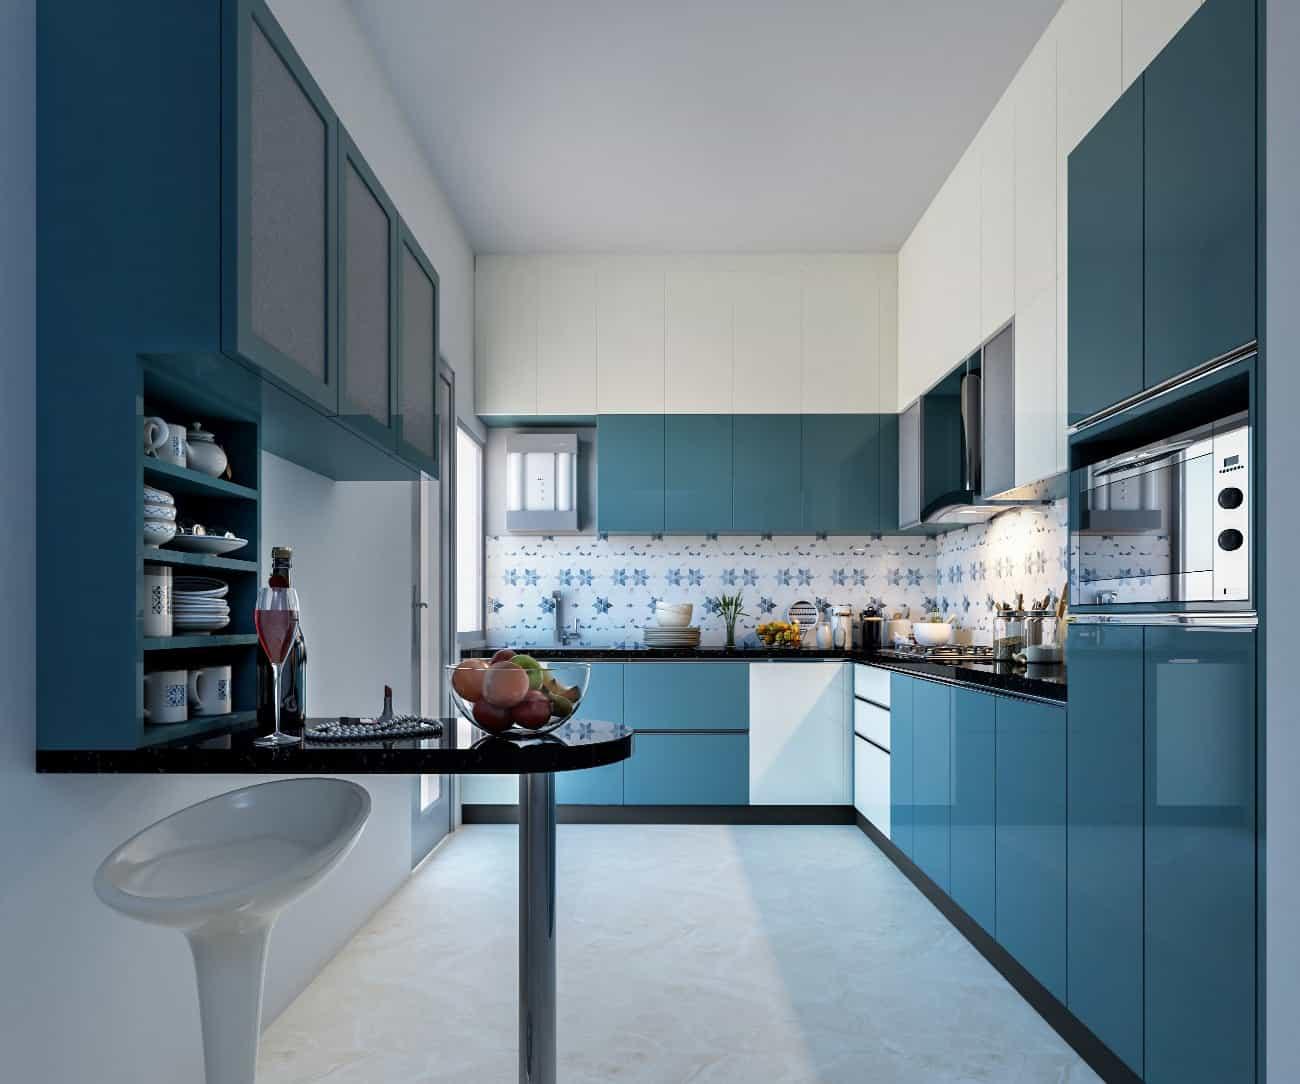 Ofis Mutfak Dolabı, Ofis Mutfak Dolabı Modeli, Ofis Mutfak Dolabı Tasarımı, beyaz mutfak dolabı, siyah mutfak dolabı, kırmızı mutfak dolabı, pembe mutfak dolabı, yeşil mutfak dolabı, mavi mutfak dolabı, turkuaz mutfak dolabı, gri mutfak dolabı, şeker pembesi mutfak dolabı, yavruağzı mutfak dolabı, lila mutfak dolabı, mor mutfak dolabı, patlican moru mutfak dolabı, lacivert mutfak dolabı, kahverengi mutfak dolabı, nar çiçeği mutfak dolabı, mutfak dekorasyonu, mutfak tadilatı, mutfak dolabı, lake mutfak dolabı, country mutfak dolabı, akrilik mutfak dolabı, highloss mutfak dolabı, mdf mutfak dolabı, mutfak dolabı modelleri, uygun mutfak dolabı, köşe mutfak dolabı, ankastre mutfak dolabı, mutfak dolabı fiyatları, led ışıklı mutfak dolabı, mürdüm mutfak dolabı, Mutfak Dolabı, Mutfak Dolabı Modelleri, Mutfak Dolabı Modelleri 2020, Mutfak Dolabı Fiyatları, Mutfak Dolabı Fiyatları 2020, En Ucuz Mutfak Dolabı, En Ucuz Mutfak Dolabı Fiyatları, En Ucuz Mutfak Dolabı Modelleri, En Uygun Mutfak Dolabı, En Uygun Mutfak Dolabı Modelleri, En Uygun Mutfak Dolabı Fiyatları, En Uygun Mutfak Dolapları, En Uygun Beyaz Mutfak Dolabı Modelleri, En Uygun Beyaz Mutfak Dolabı, Beyaz Mutfak Dolabı, Beyaz Mutfak Dolabı Modelleri, Beyaz Mutfak Dolabı Tasarımları, Beyaz Mutfak Dolapları, Sultangazi Mutfak Dolabı, Şişli Mutfak Dolabı, Beyoğlu Mutfak Dolabı, Cihangir Mutfak Dolabı, Nişantaşı Mutfak Dolabı, Sarıyer Mutfak Dolabı, Fulya Mutfak Dolabı, Mecidiyeköy Mutfak Dolabı, Etiler Mutfak Dolabı, Bebek Mutfak Dolabı, Kuruçeşme Mutfak Dolabı, Bayrampaşa Mutfak Dolabı, Gaziosmanpaşa Mutfak Dolabı, Arnavutköy Mutfak Dolabı, Ortaköy Mutfak Dolabı, Beşiktaş Mutfak Dolabı, Dikilitaş Mutfak Dolabı, Levent Mutfak Dolabı, Kağıthane Mutfak Dolabı, Esenler Mutfak Dolabı, Bağcılar Mutfak Dolabı, Güngören Mutfak Dolabı, Bakırköy Mutfak Dolabı, Şirinevler Mutfak Dolabı, Bahçelievler Mutfak Dolabı, Avcılar Mutfak Dolabı, Beylikdüzü Mutfak Dolabı, Esenyurt Mutfak Dolabı, Gazi Mahallesi Mutfak Dolabı, Küçükköy Mu